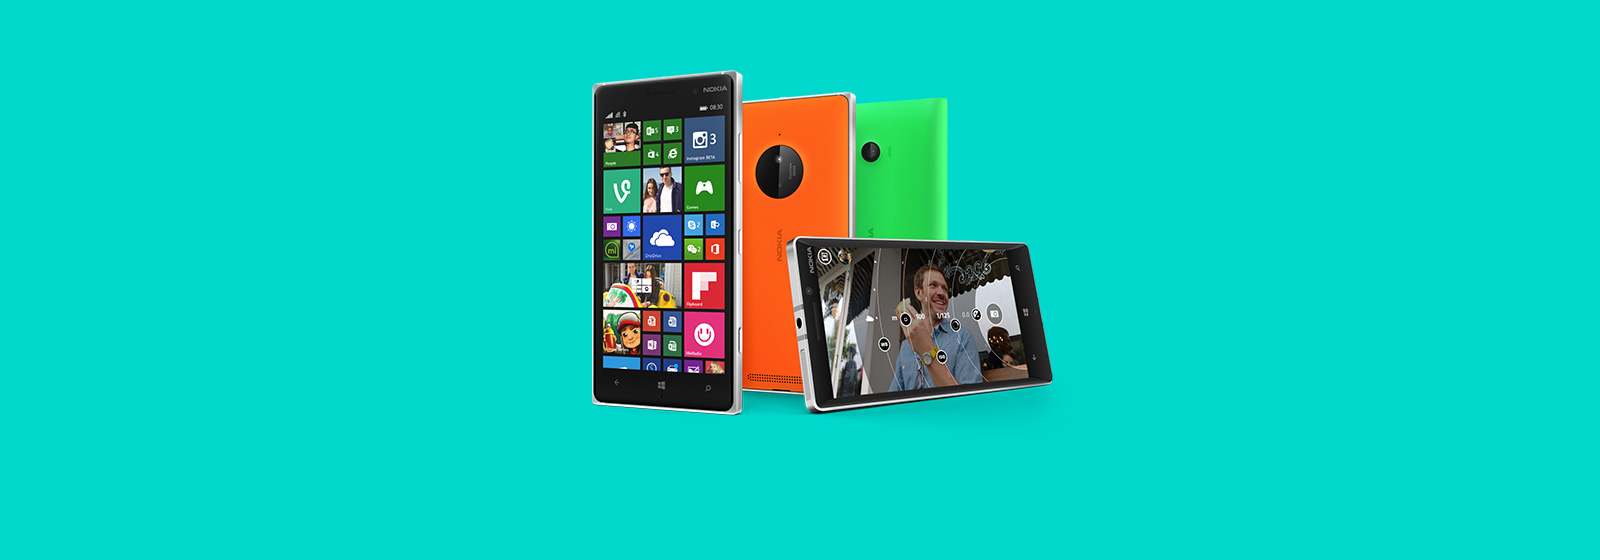 Lakukan lebih banyak hal dengan smartphone Anda. Ketahui tentang perangkat Lumia.